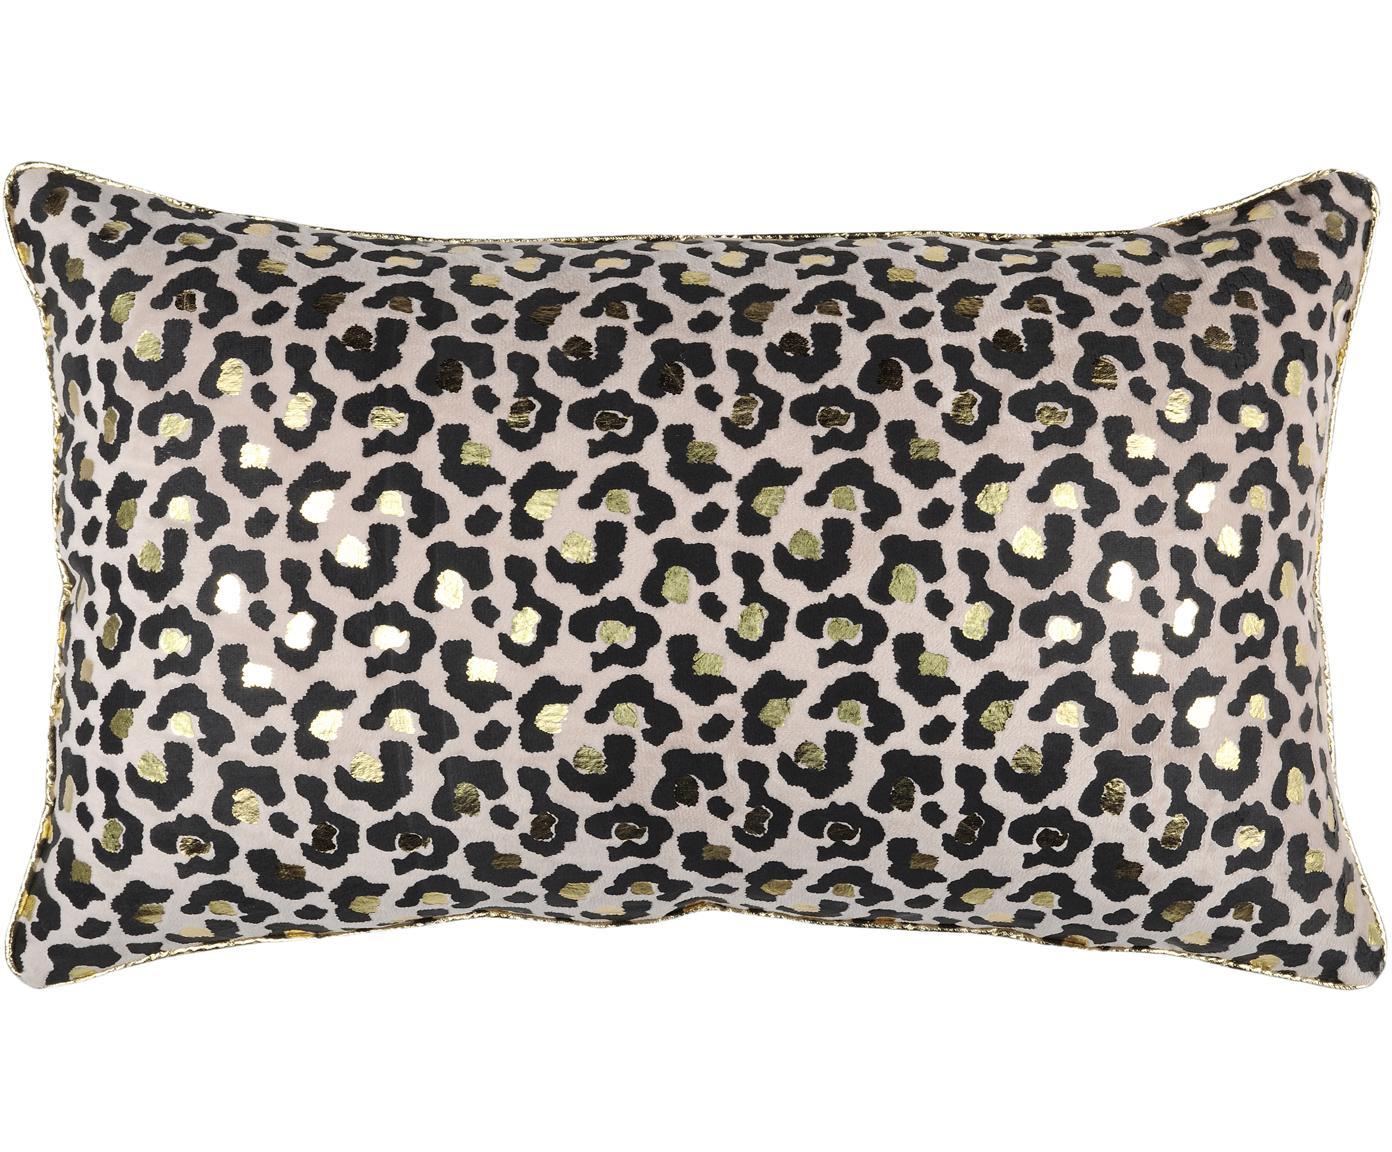 Cuscino con motivo leopardato e imbottitura Jangal, Poliestere, Nero, beige, dorato, Larg. 30 x Lung. 50 cm